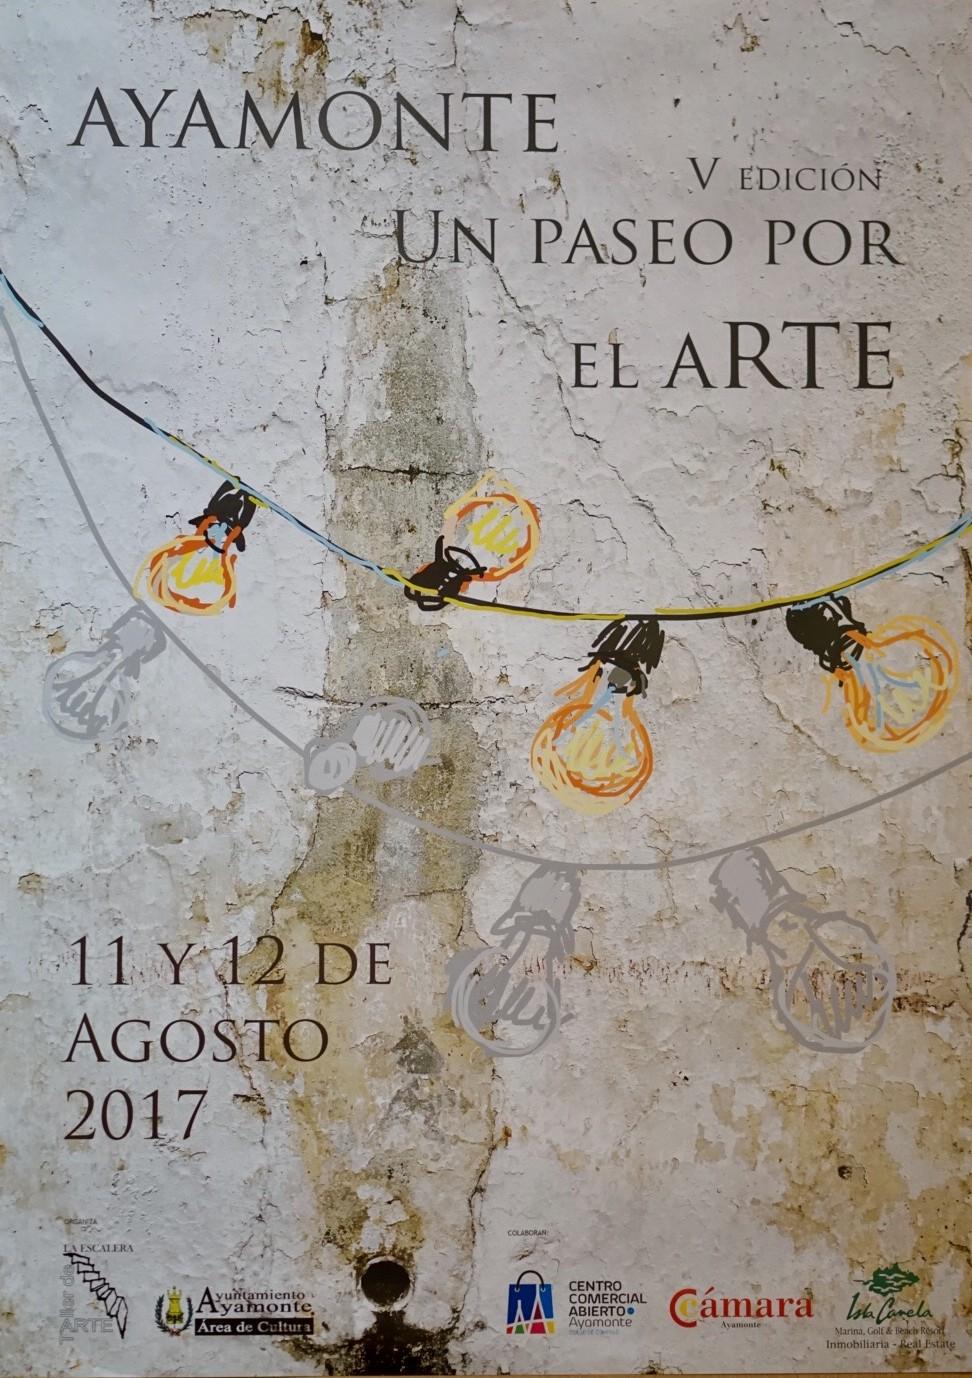 PRESENTADO EN AYAMONTE EL CARTEL ANUNCIADOR DEL V PASEO POR EL ARTE